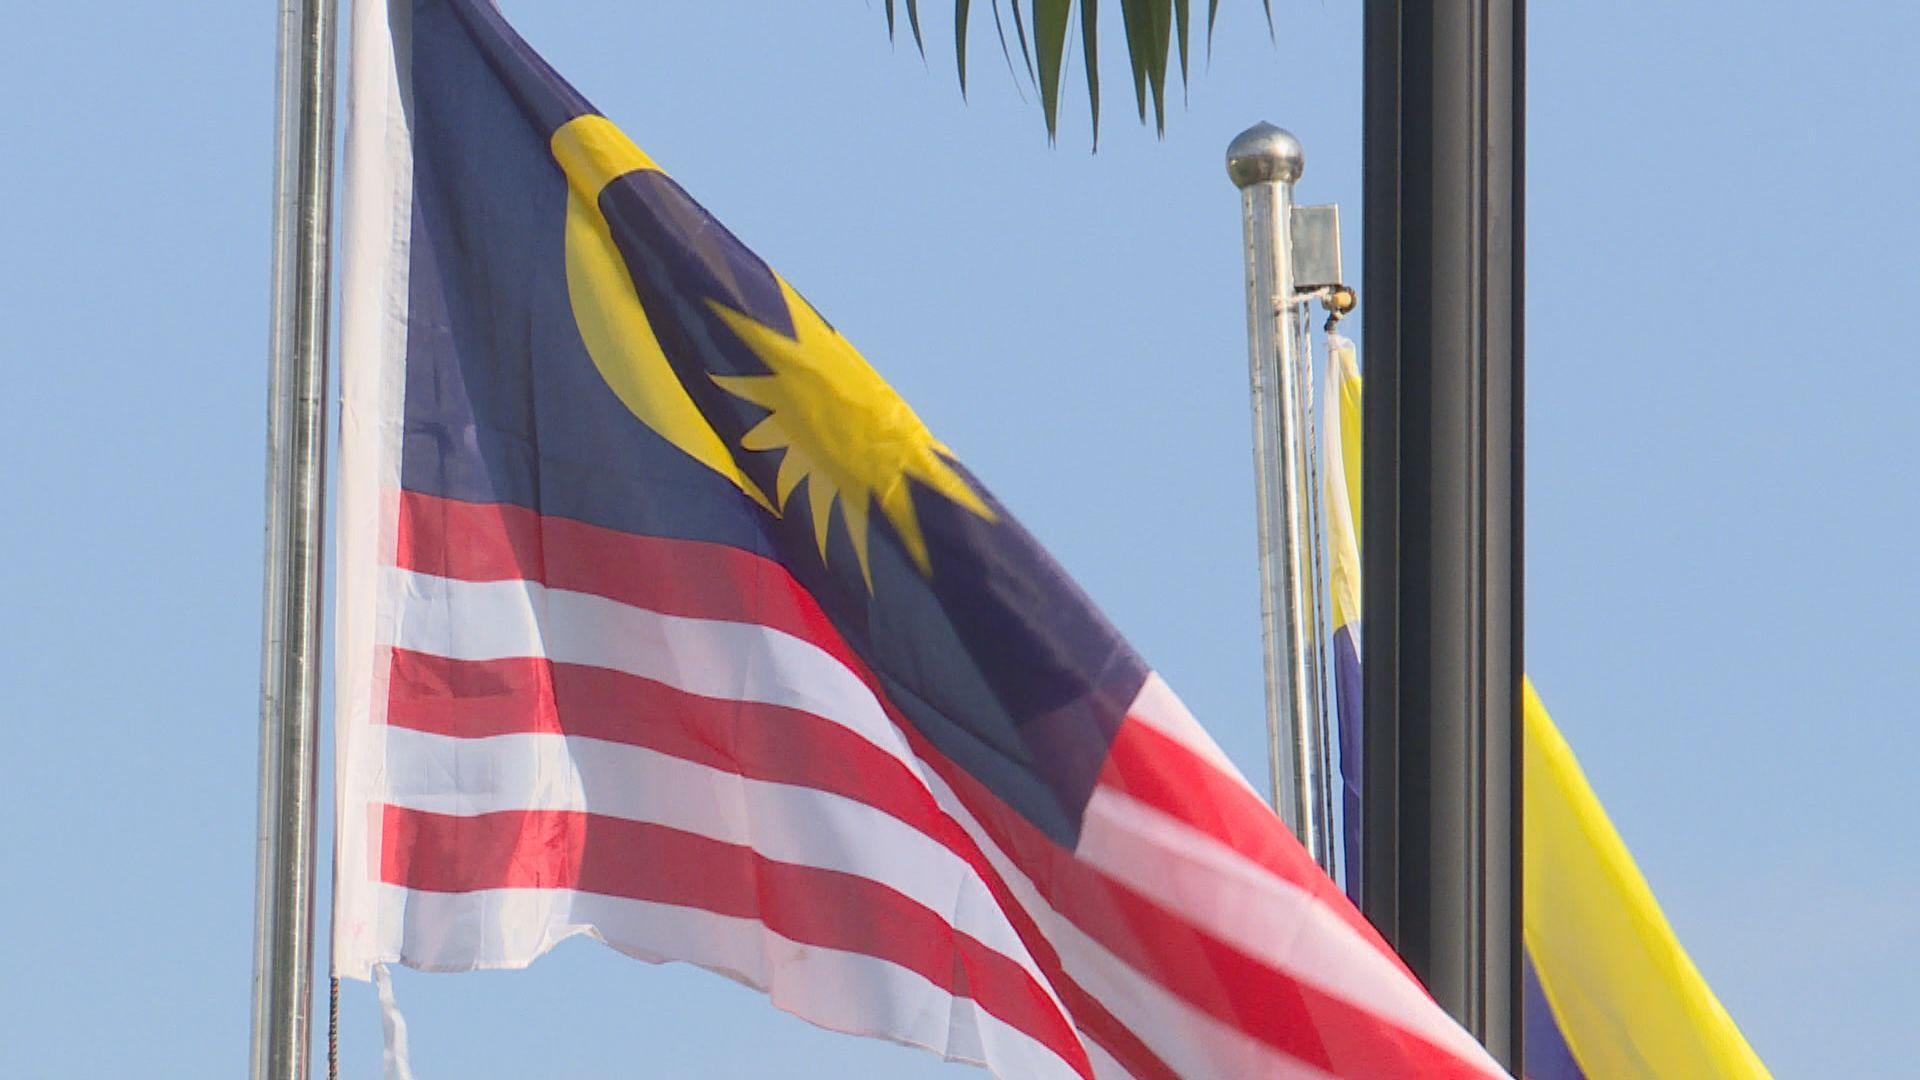 馬來西亞因疫情進入緊急狀態 總理否認圖阻撓選舉